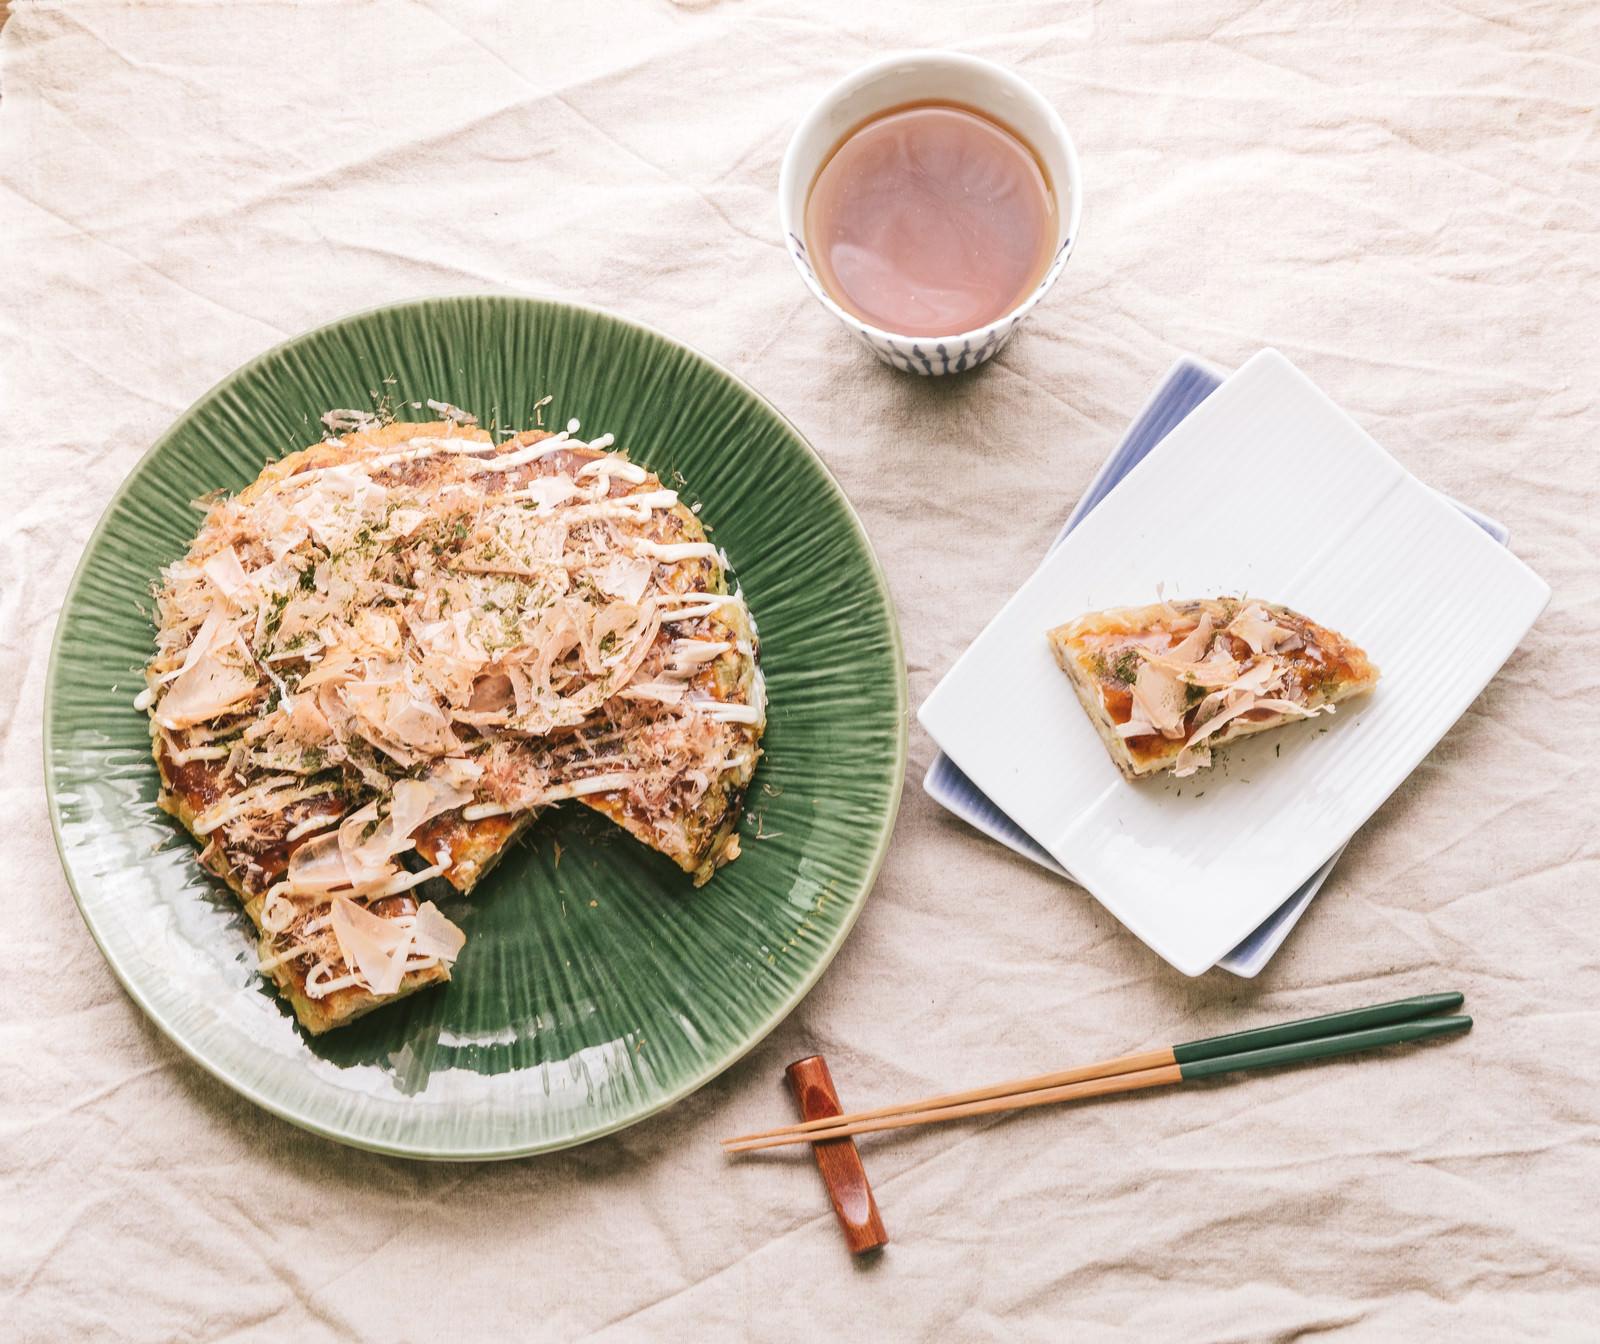 「食卓を飾るお好み焼き食卓を飾るお好み焼き」のフリー写真素材を拡大